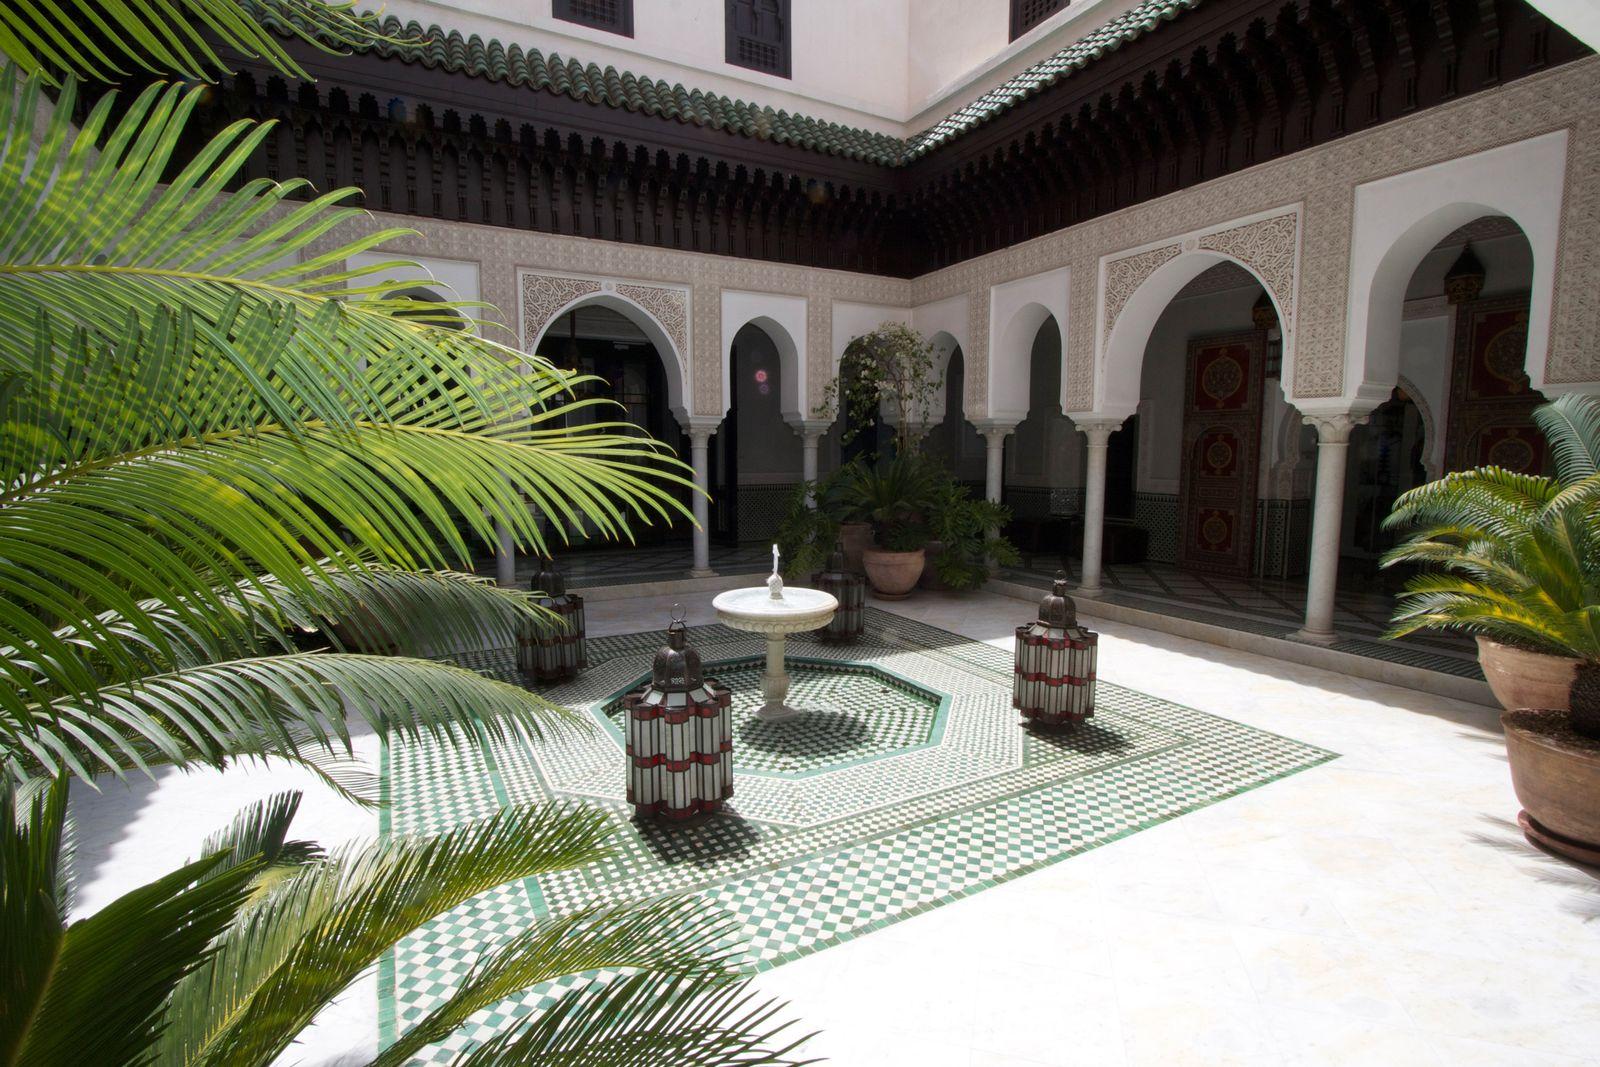 Paradiese hinter dicken Mauern - Marrakeschs Innenhöfe